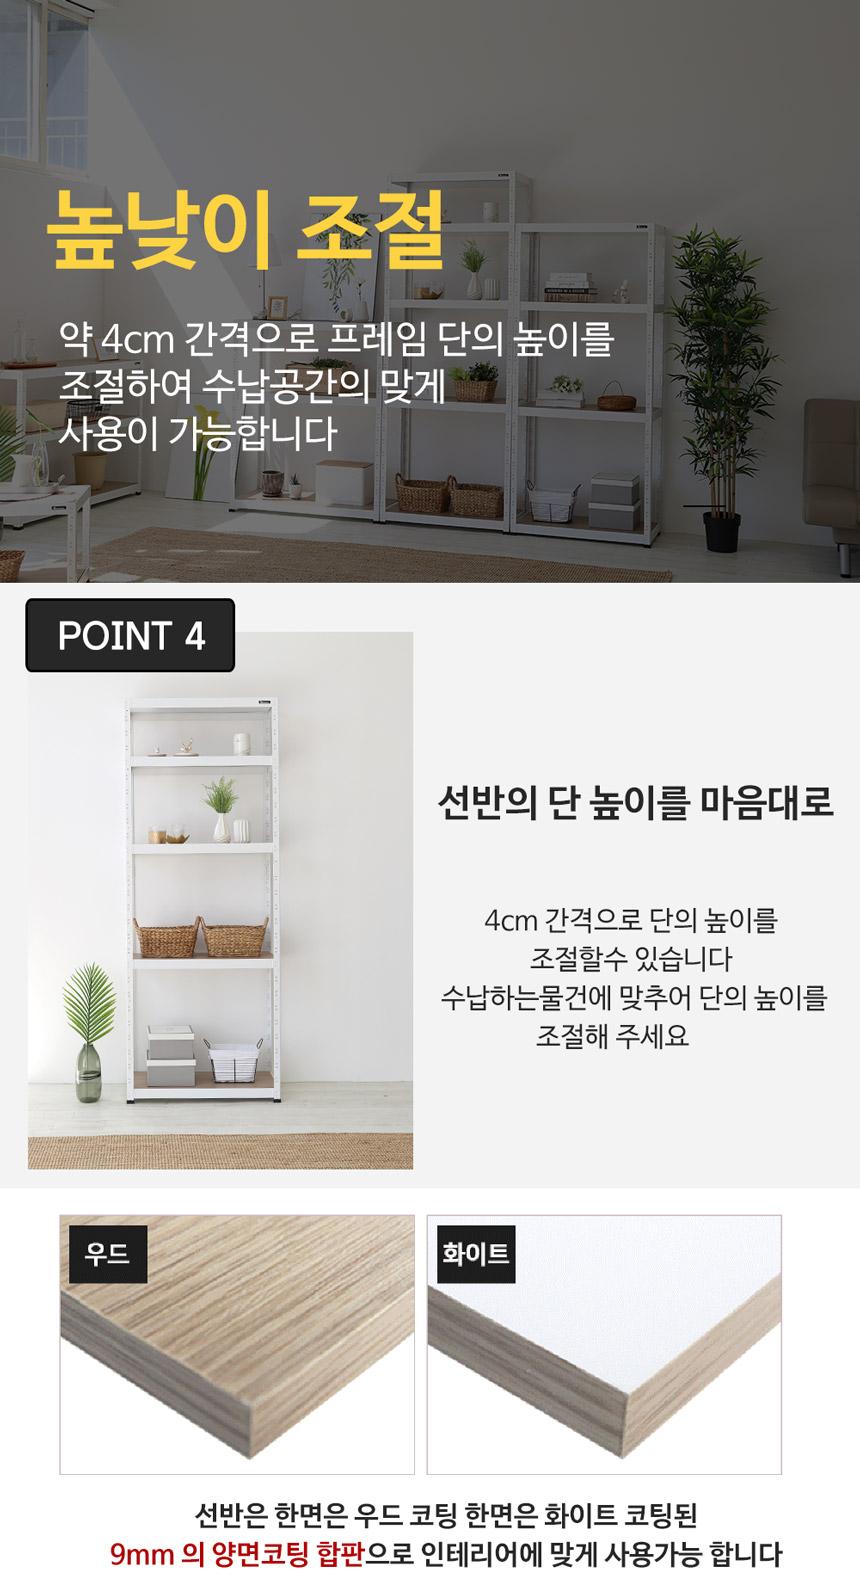 05_point4.jpg